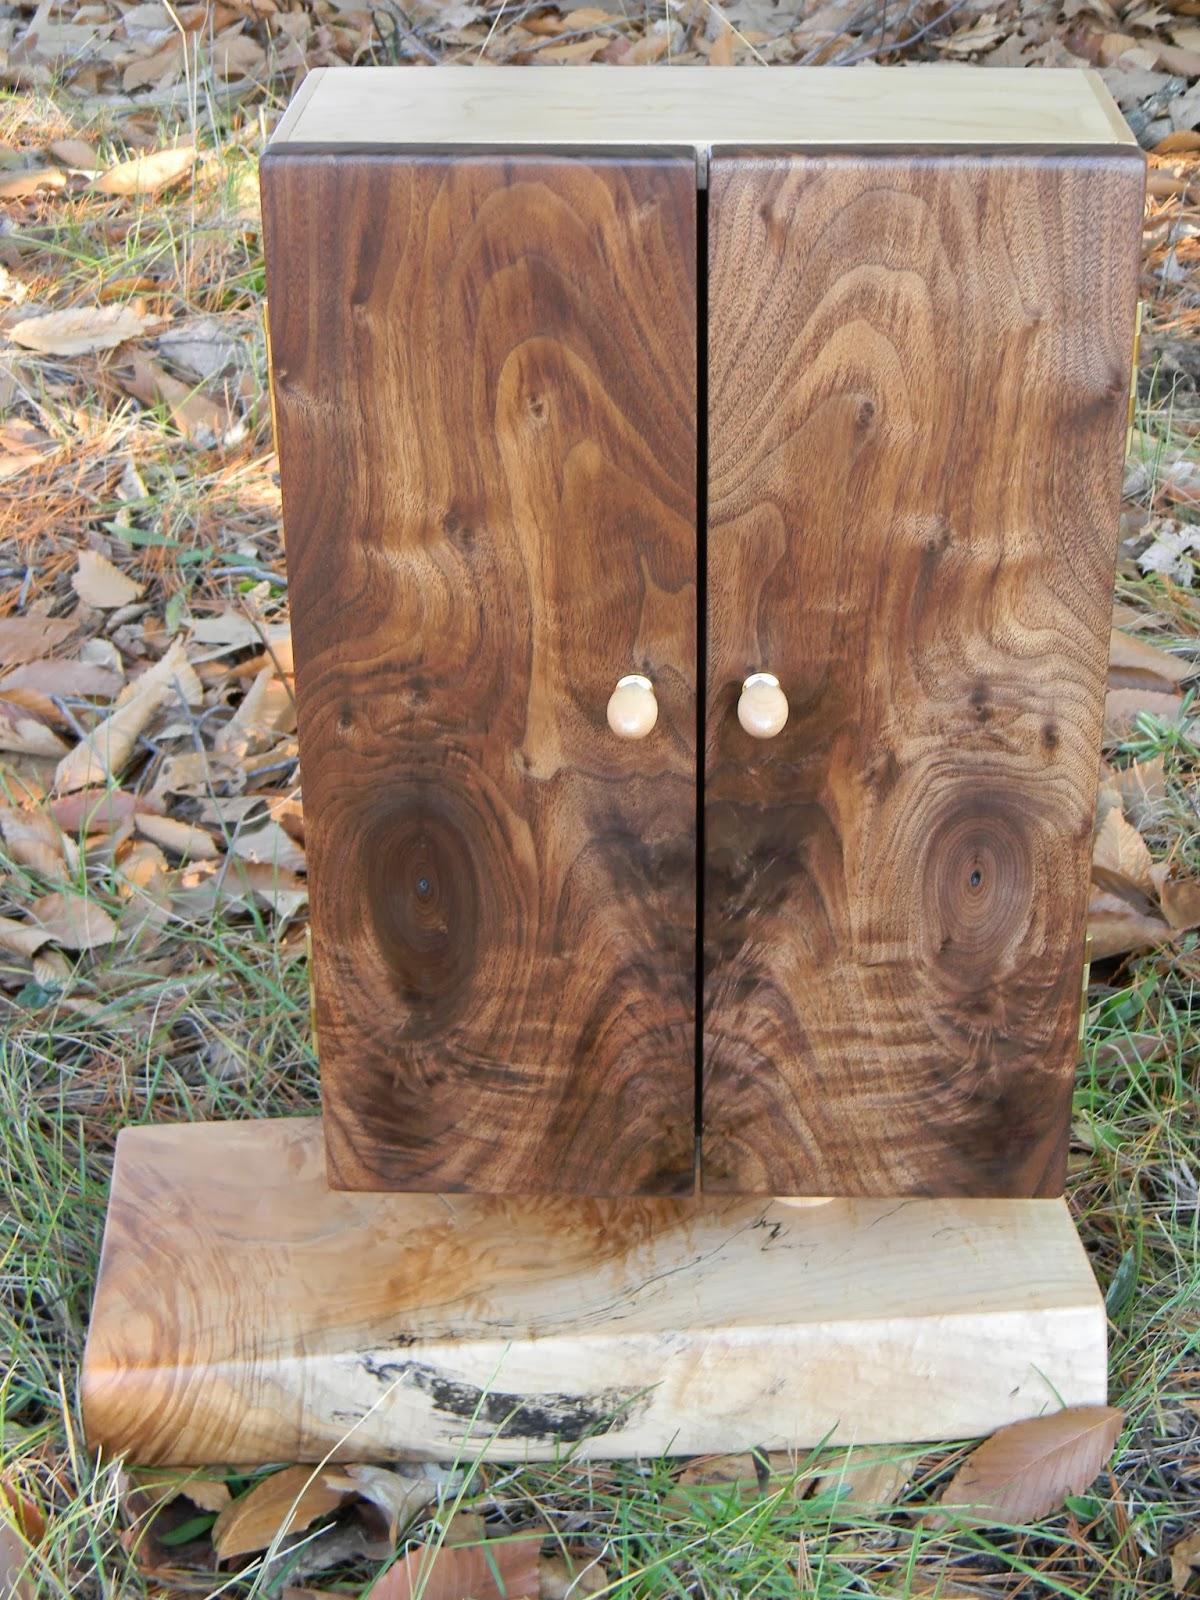 Oakenheart woodcraft desktop style jewelry keepsake cabinet